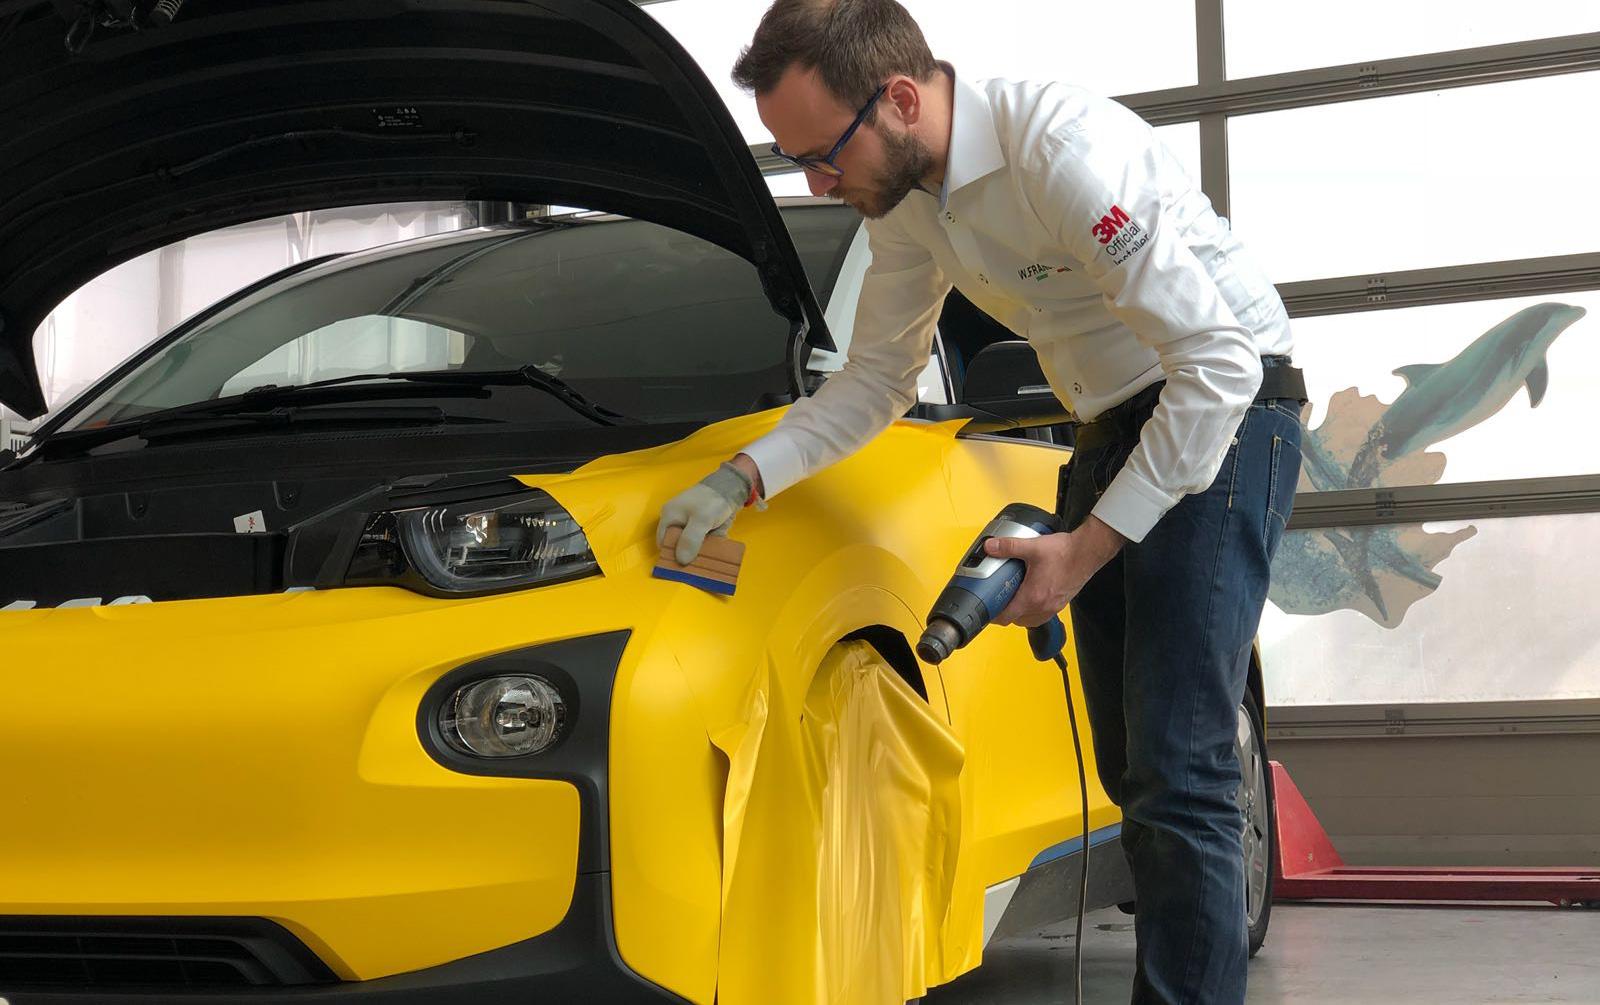 cambiare colore auto con pellicola wrapping 3M